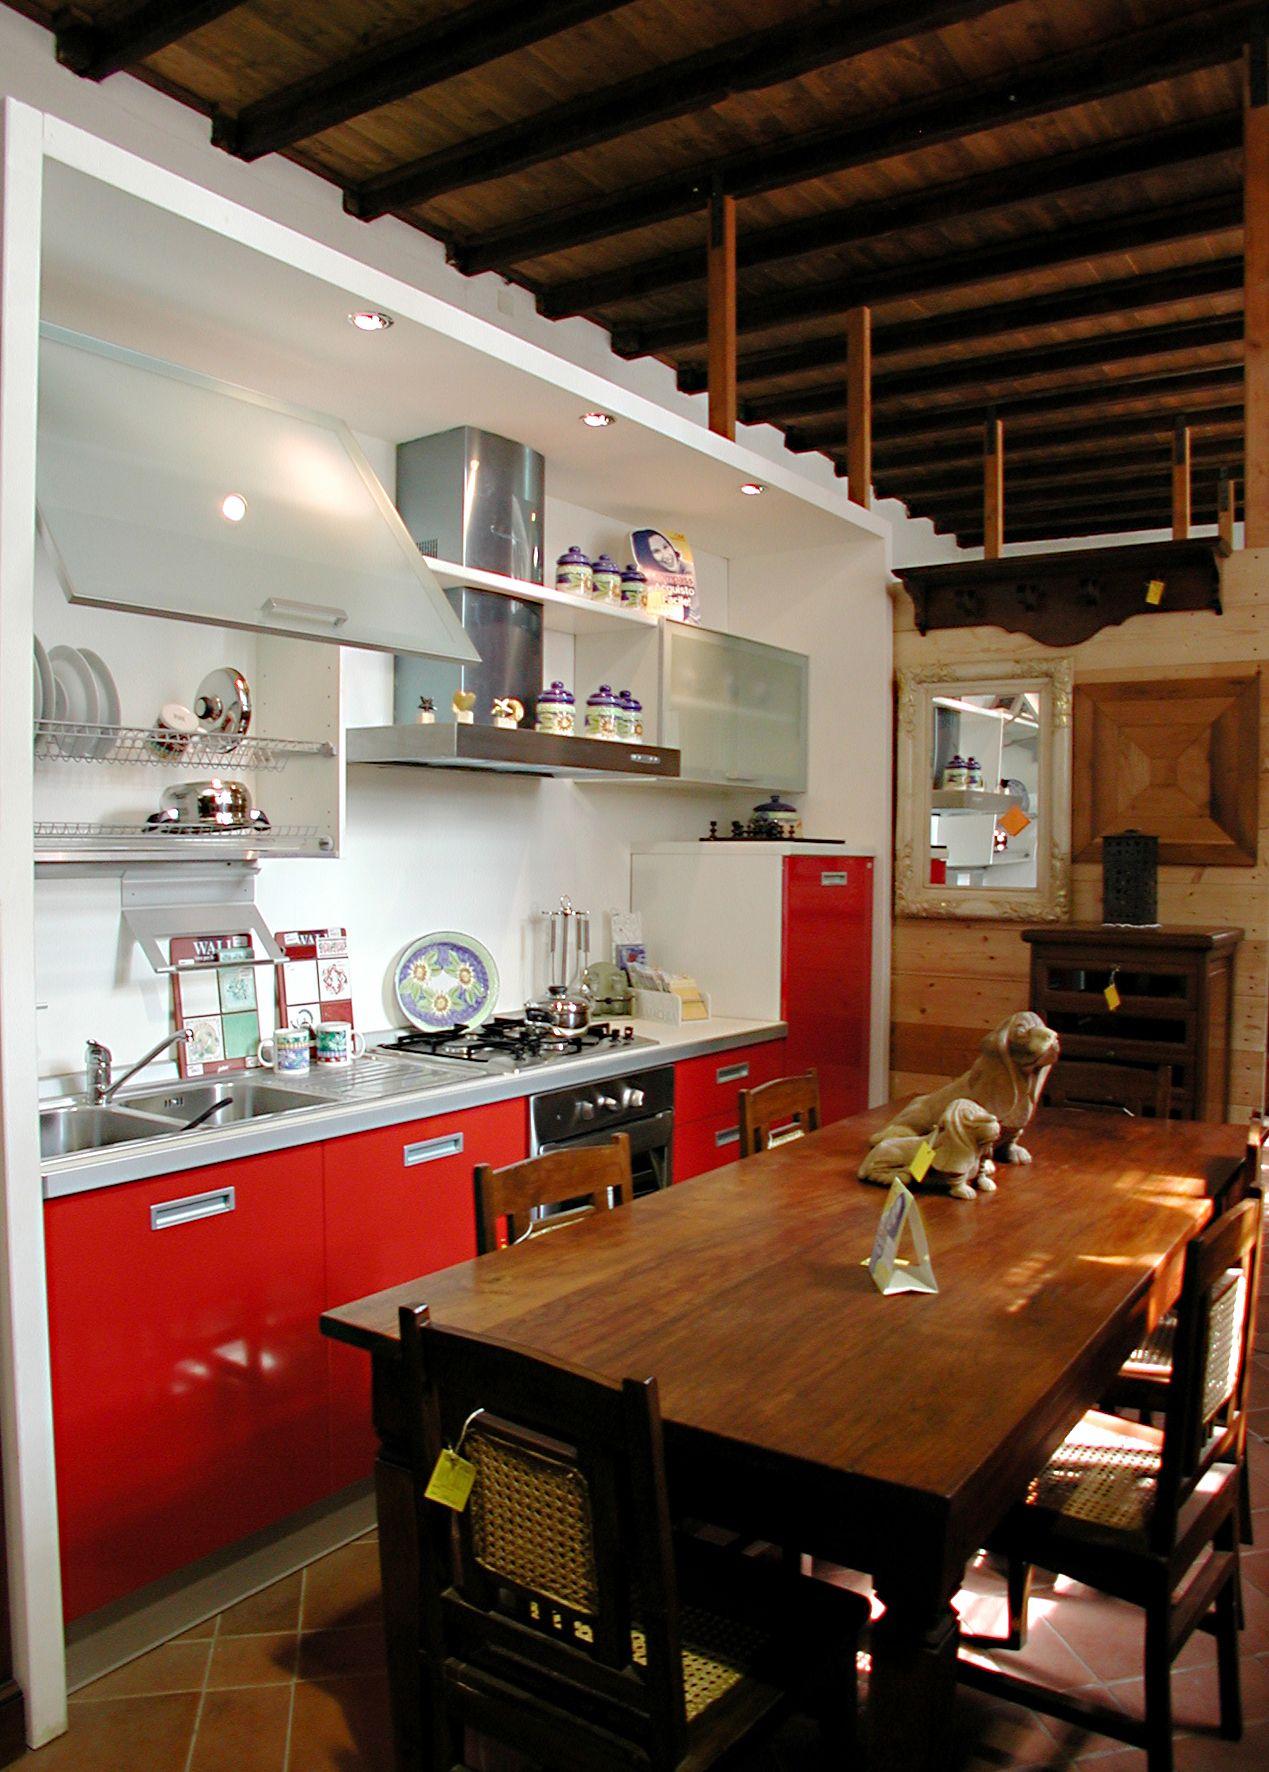 cucina rossa tavolo in legno